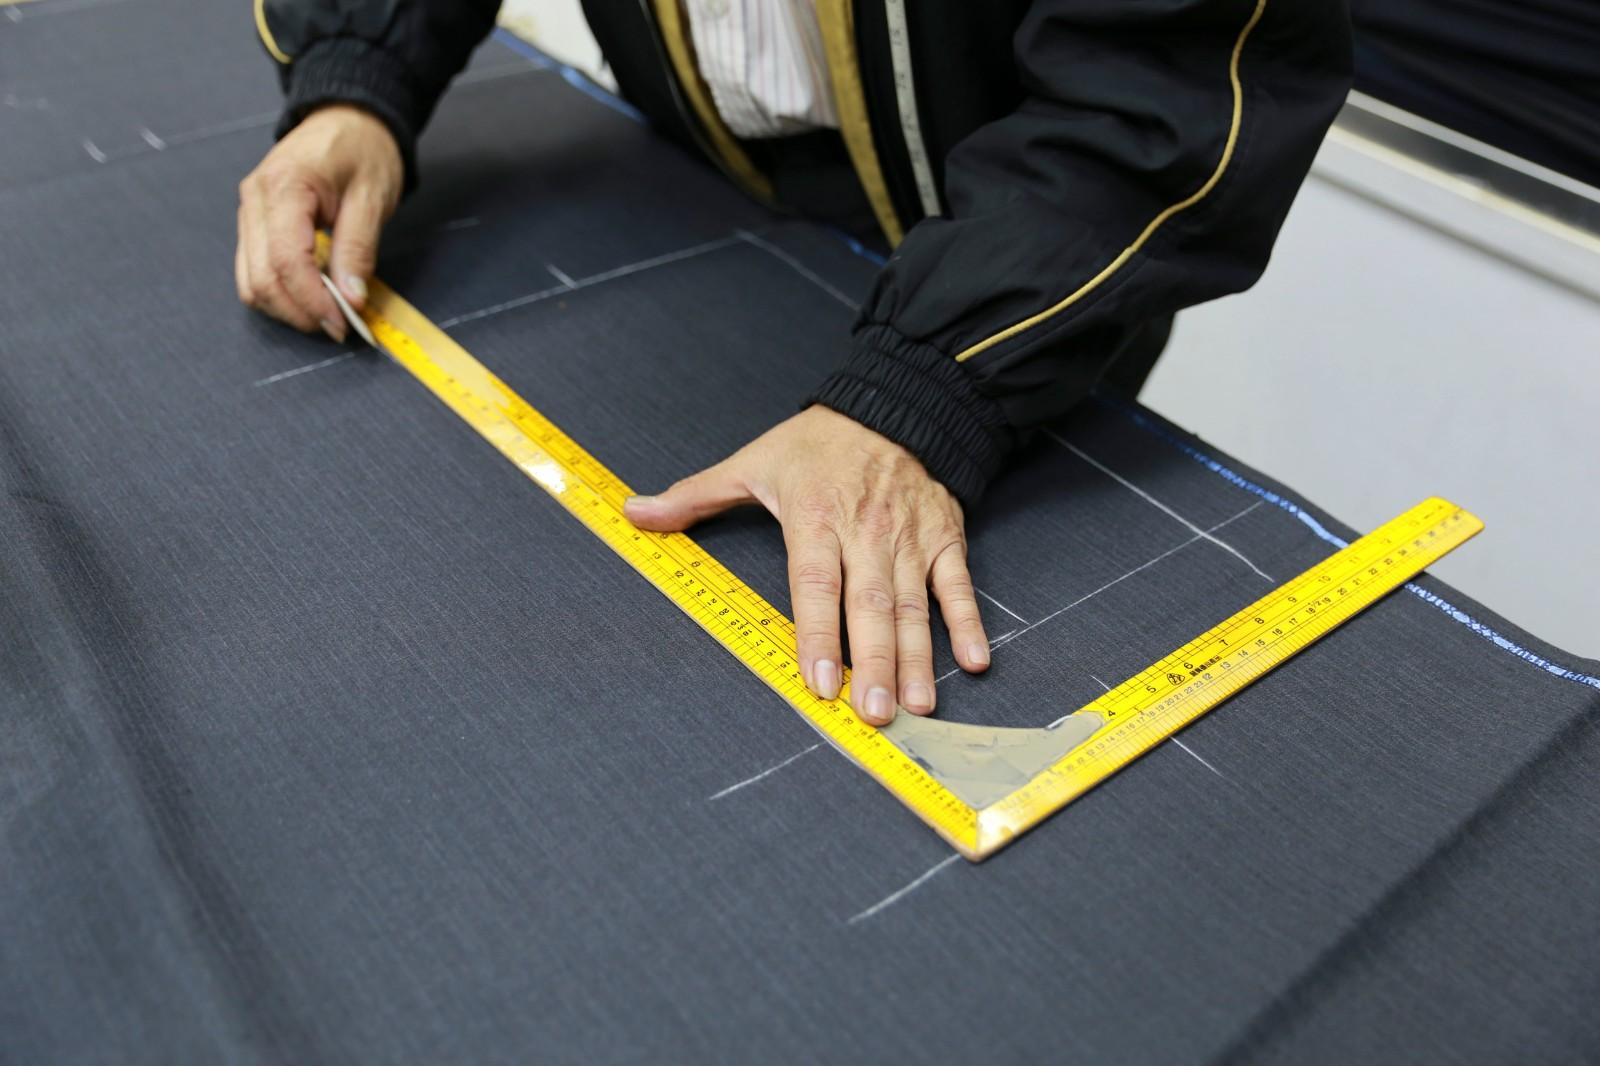 一日職人DIY體驗 - 三峽西服職人 | 甘樂文創 | 甘之如飴,樂在其中